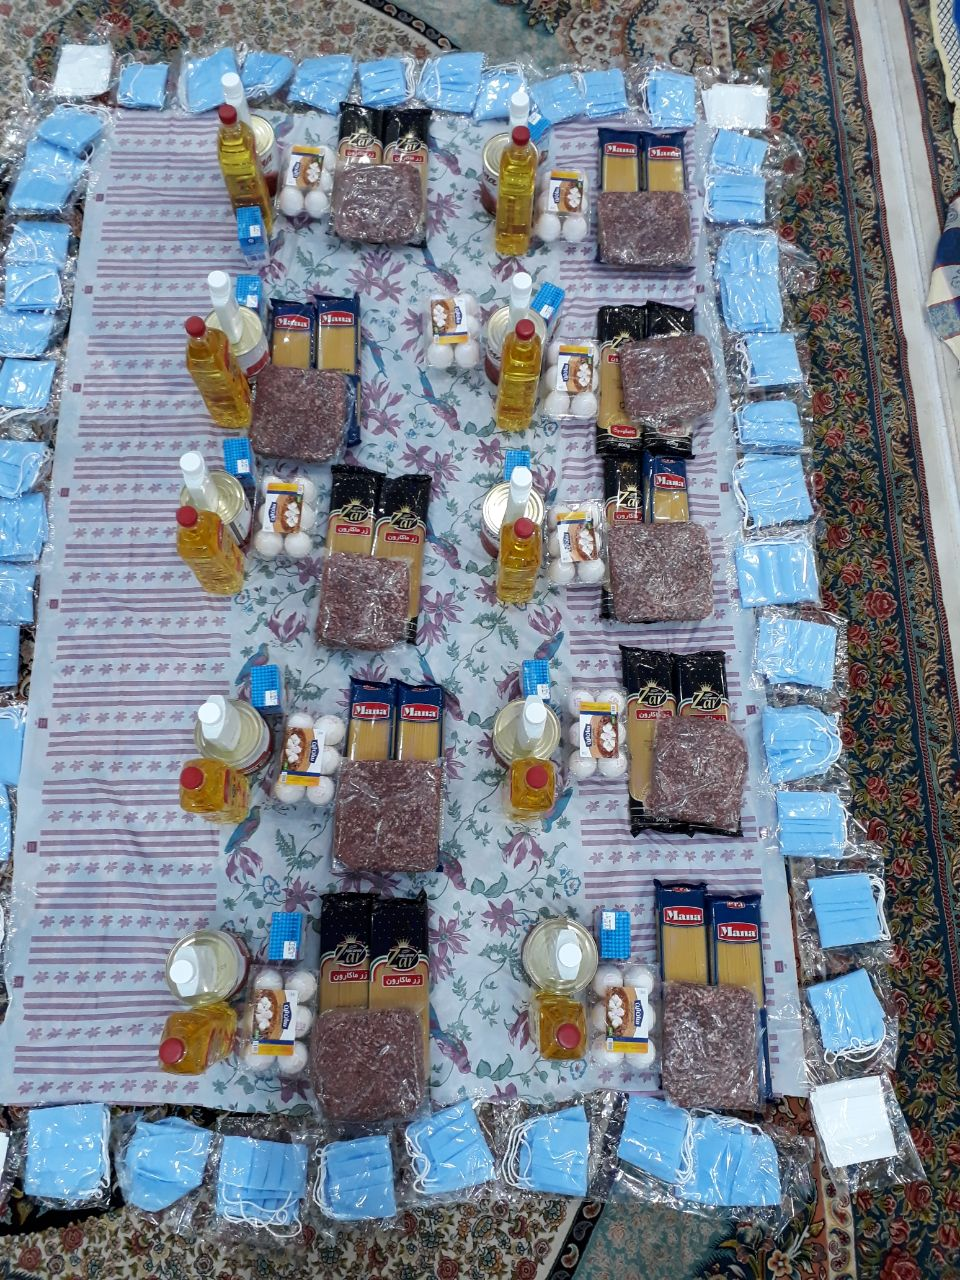 تهیه بسته حمایتی و اهدایی به خانواده های نیازمند به مناسبت میلاد امام زمان عج الله در آستانه اشرفیه